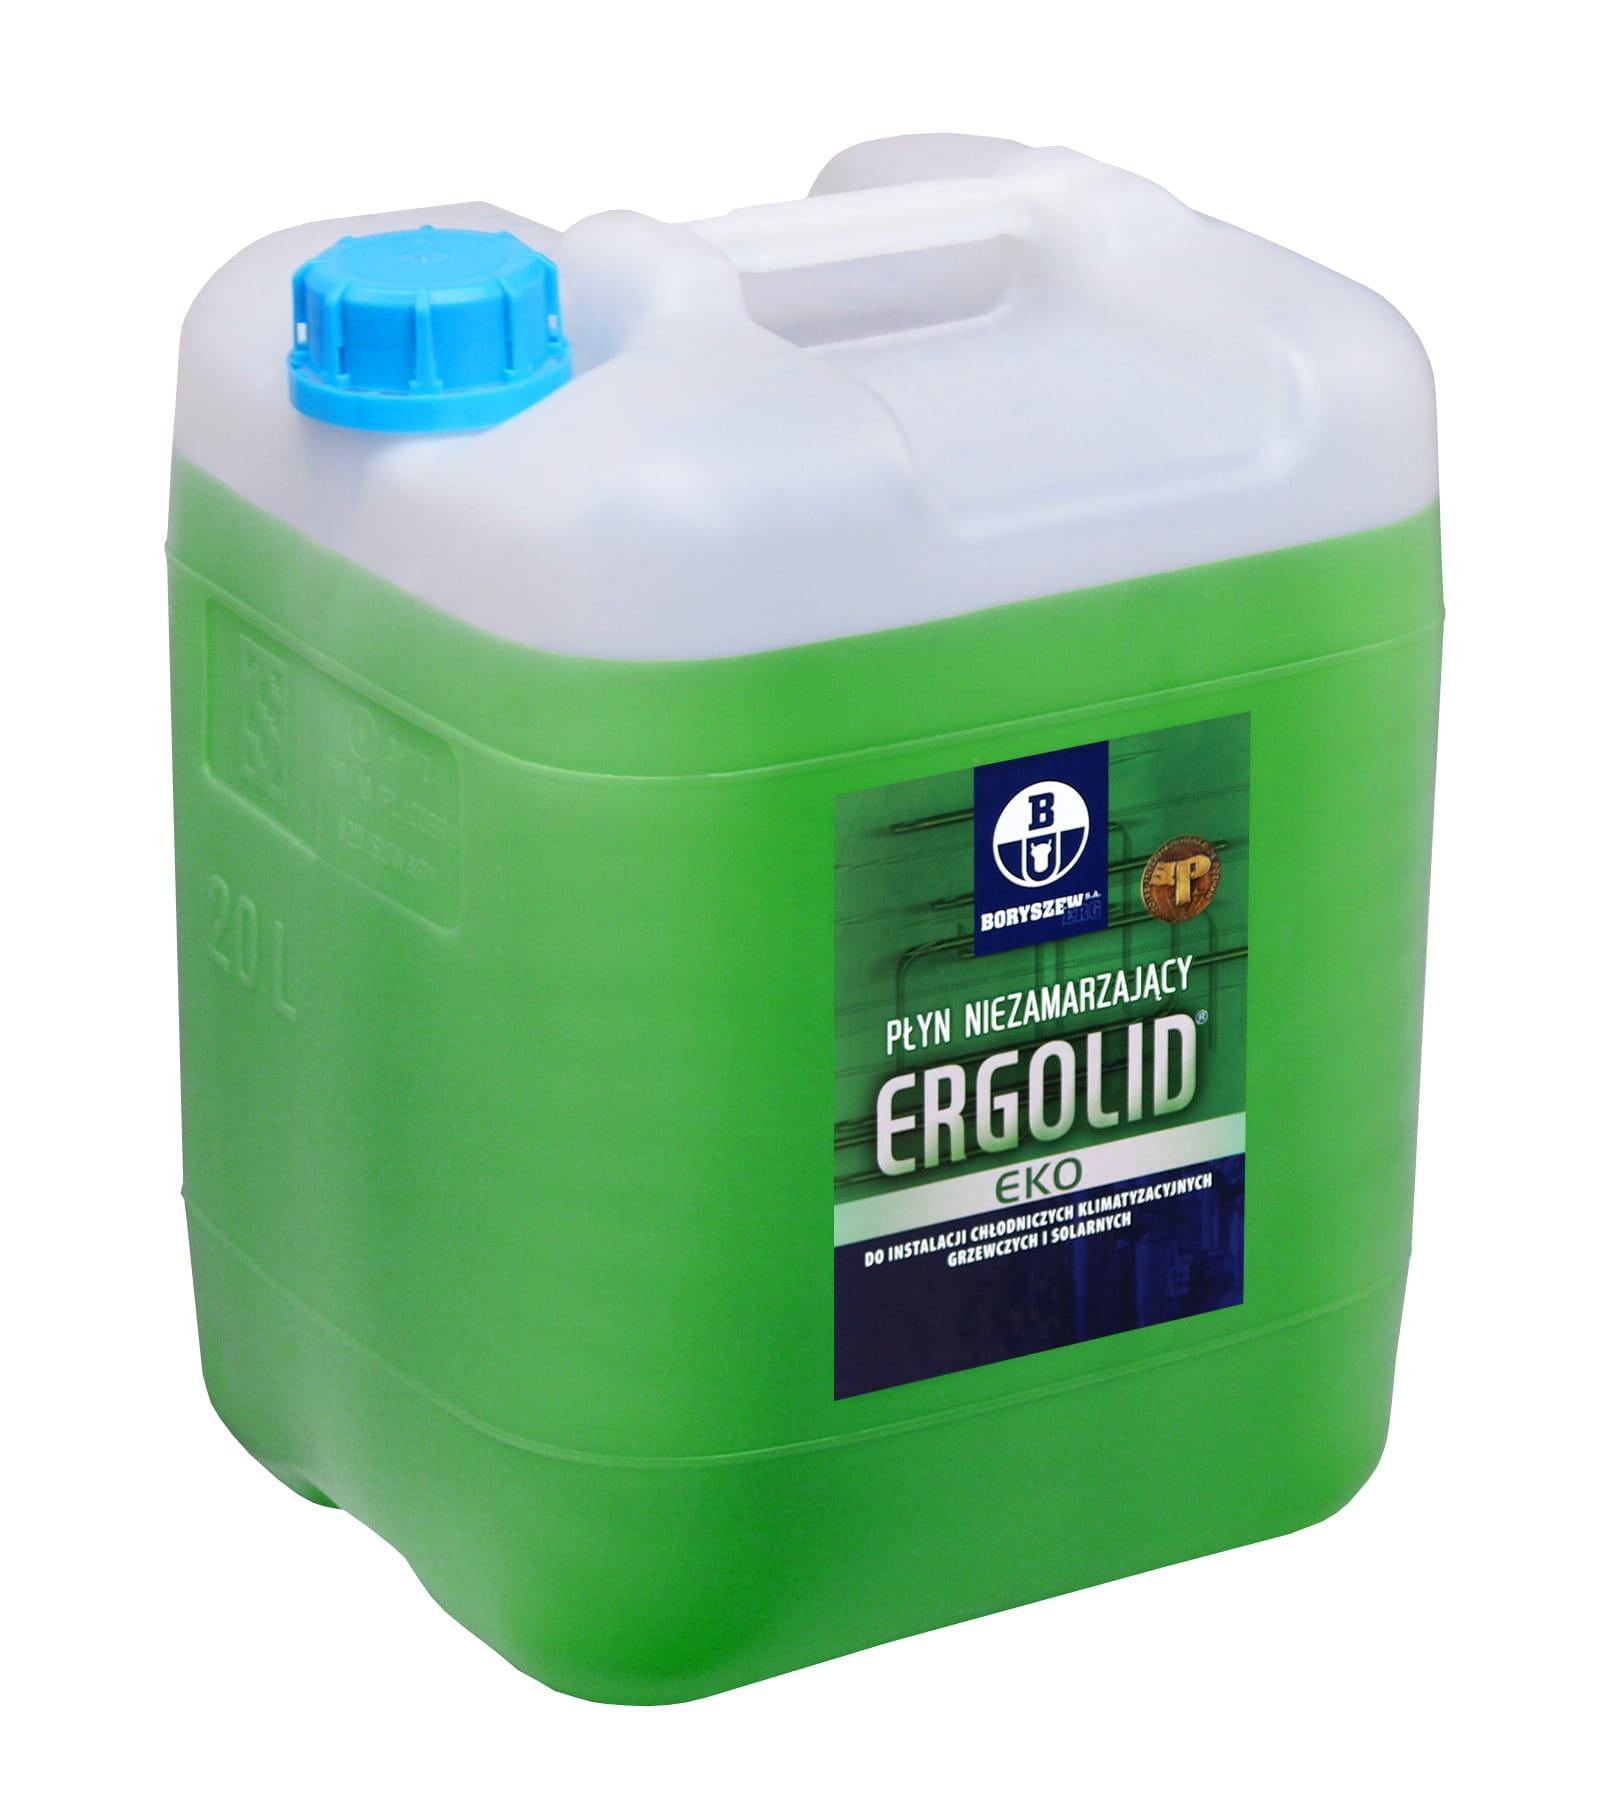 ergolid-eko-glikol-plyn-na-bazie-glikolu-propylenowego